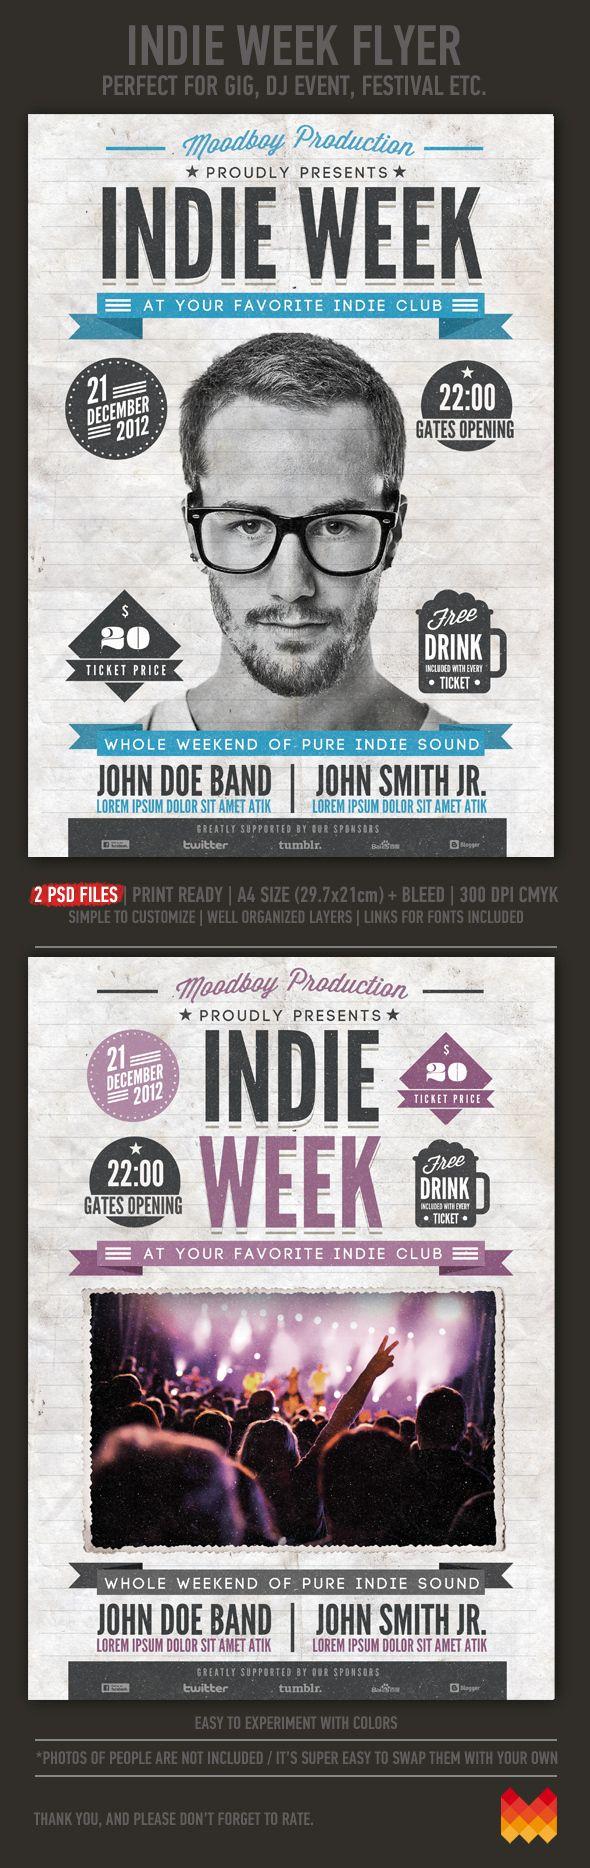 Indie Week Poster by moodboy